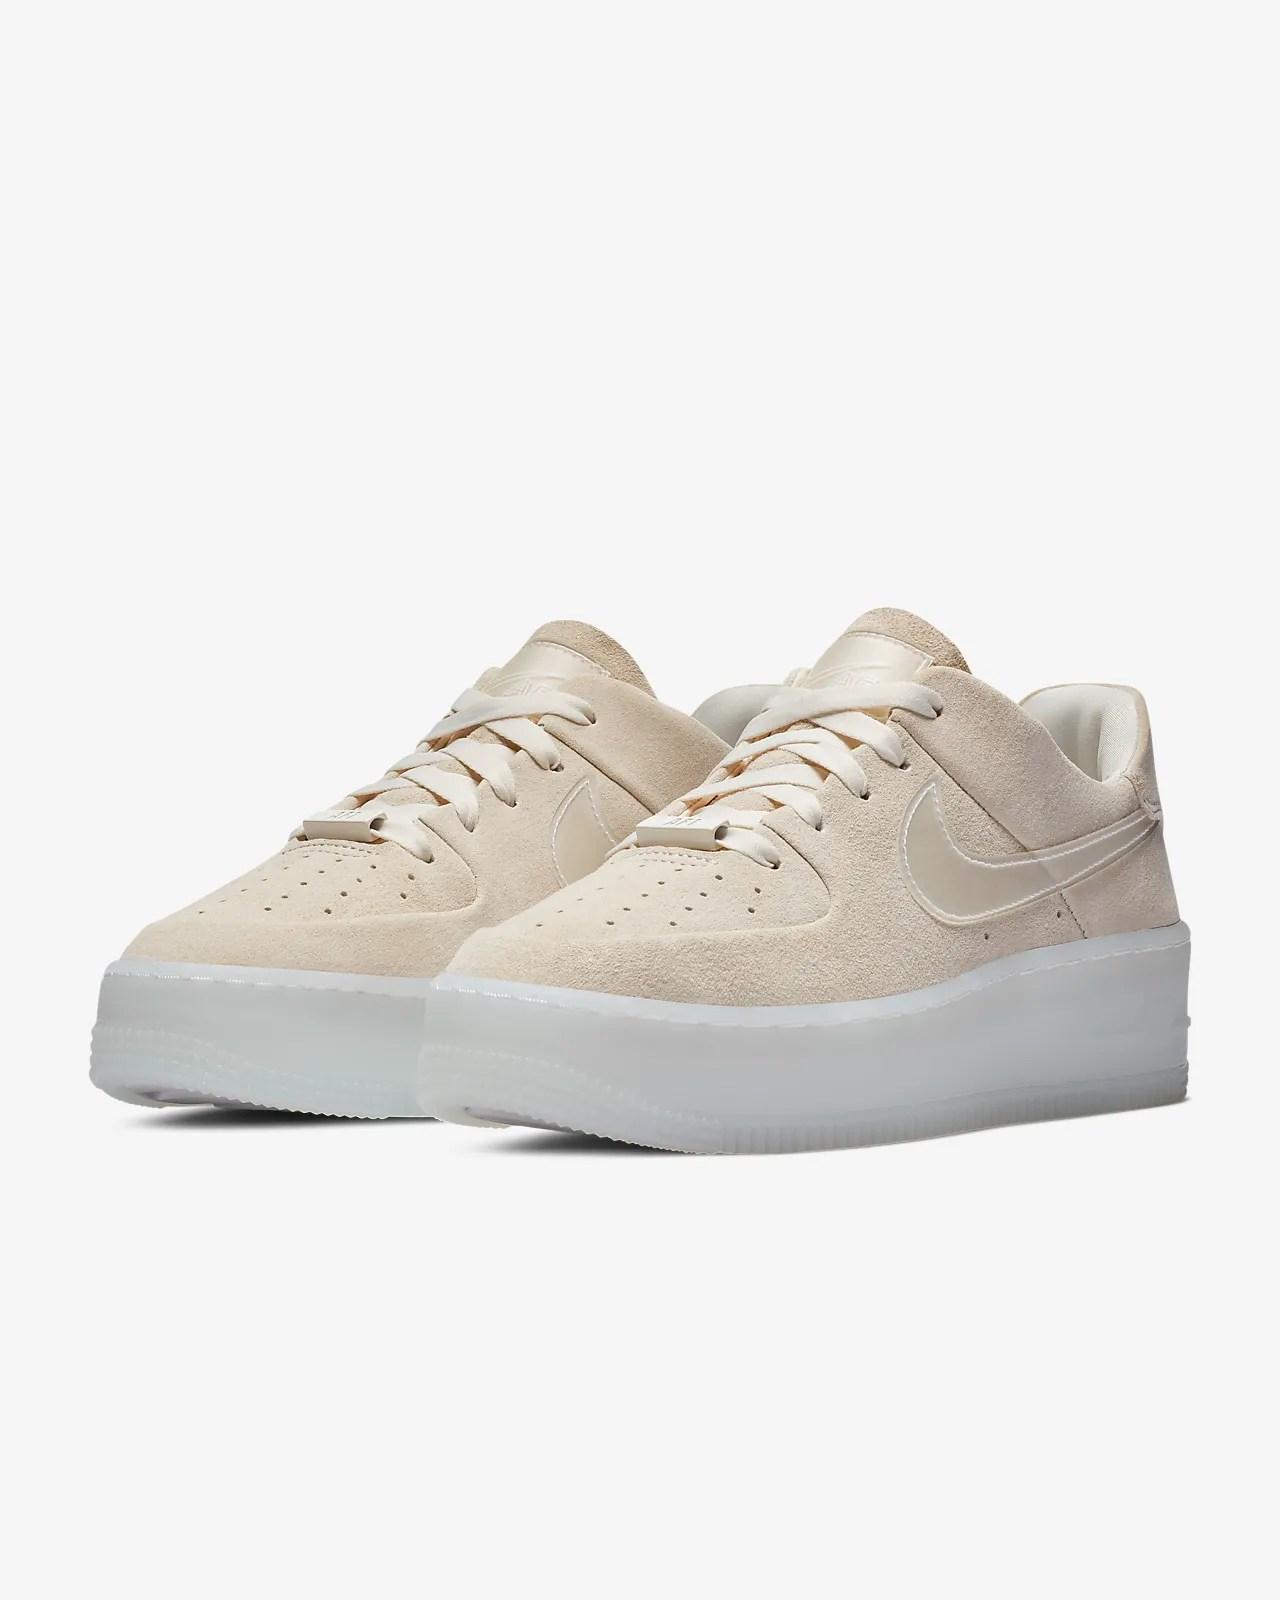 air force 1 sage low lx sneaker